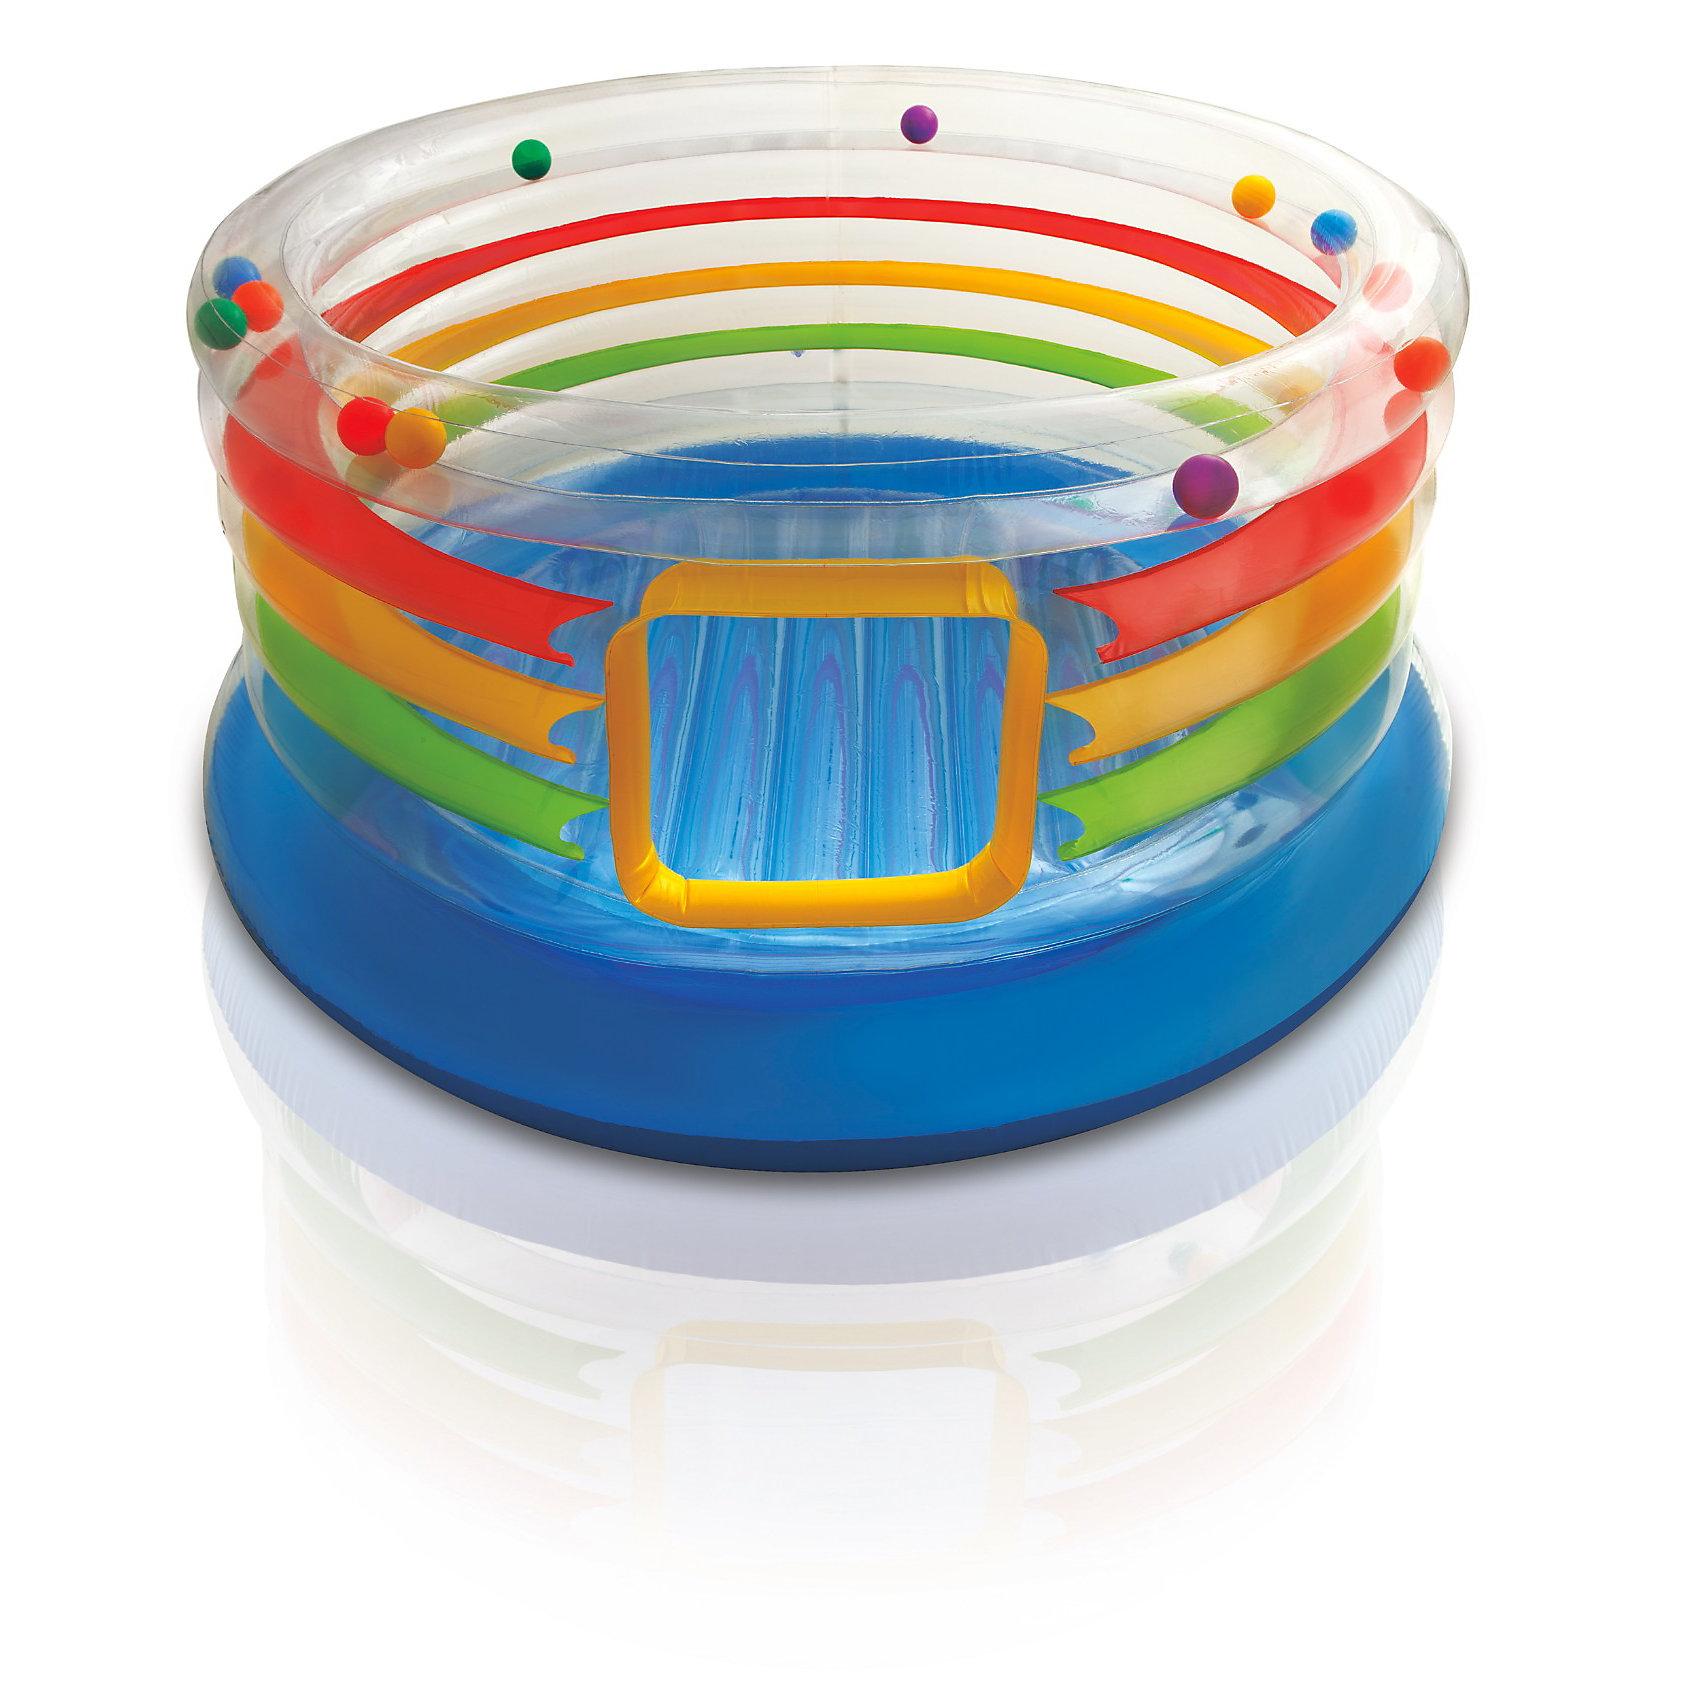 Детский надувной батут Радуга с шариками внутри, IntexДетский надувной батут Радуга с шариками внутри, Intex (Интекс) не даст заскучать ни одному ребенку. <br>Высокие надувные стенки детского батута защитят Ваших детей от падений наружу. Эти стенки сделаны из прозрачного ПВХ для того, чтобы родители могли контролировать игру маленьких детей.<br><br>Легкие разноцветные мячики, которые находятся внутри верхней части батута  при прыжках создают задорный шум.<br><br>Детский надувной батут Радуга с шариками внутри - это игрушка, с которой Ваши дети не захотят расстаться.<br><br>Дополнительная информация:<br><br>- Размер: 182 x 86 см<br>- Материал: винил<br>- Максимально допустимый вес: 54 кг.<br>- Вес: 7,3 кг.<br><br>Детский надувной батут Радуга с шариками внутри, Intex (Интекс) можно купить в нашем интернет-магазине.<br><br>Ширина мм: 465<br>Глубина мм: 410<br>Высота мм: 168<br>Вес г: 7020<br>Возраст от месяцев: 36<br>Возраст до месяцев: 72<br>Пол: Унисекс<br>Возраст: Детский<br>SKU: 2535126